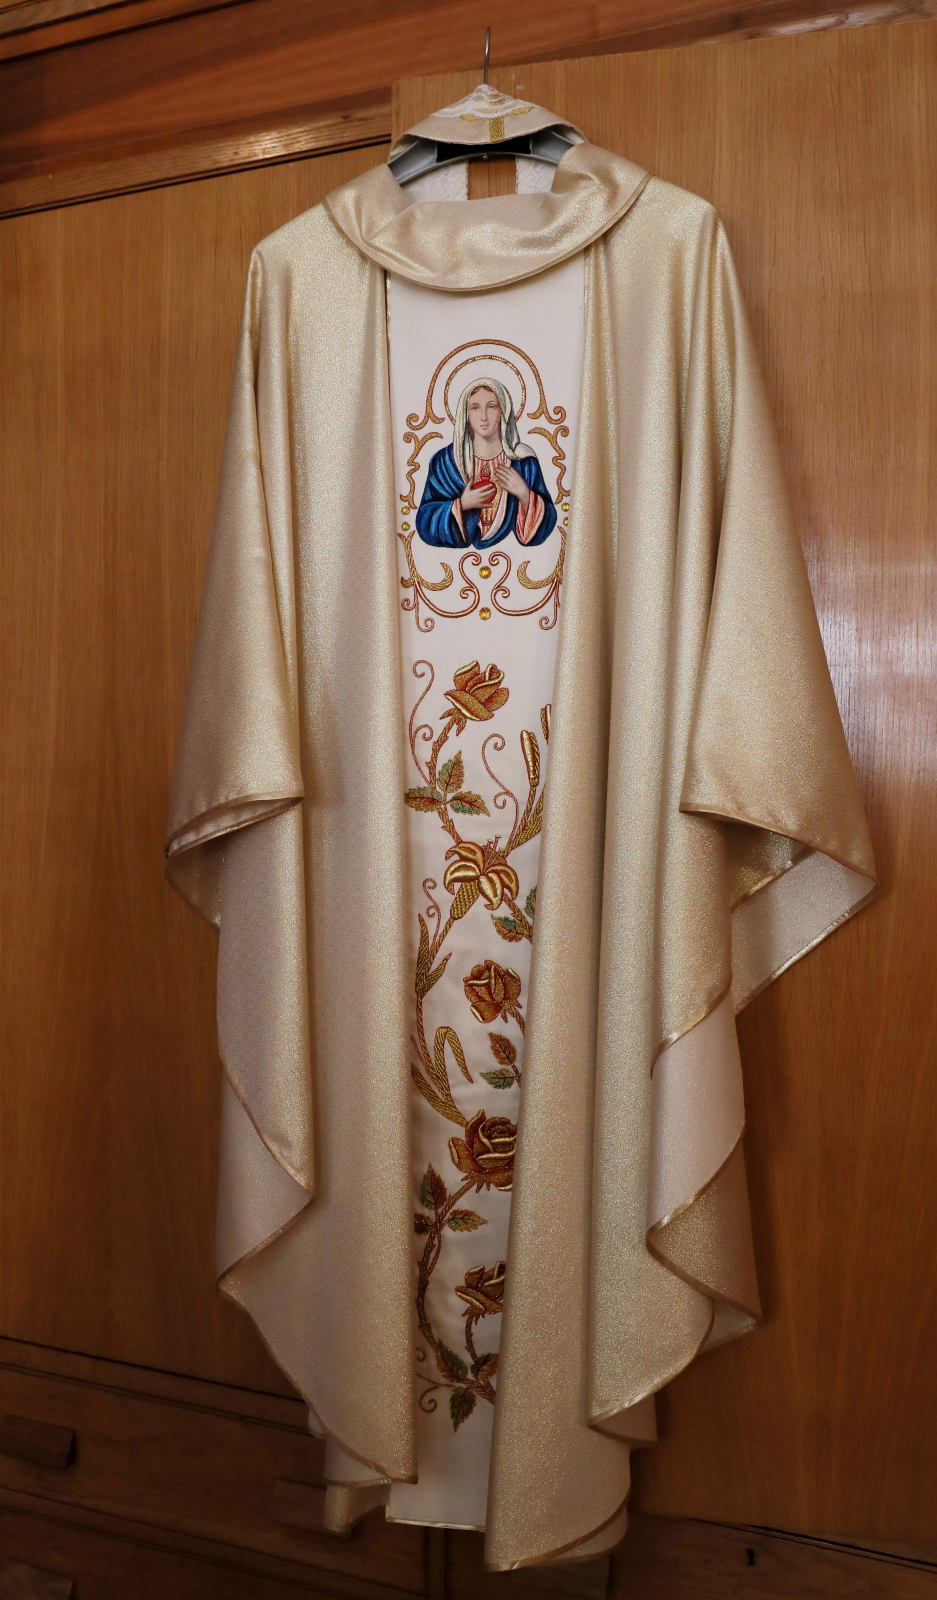 Ornat podarowany przez papieża Jana Pawła II, prezentowany w Polskim Papieskim Instytucie Kościelnym na Via Pietro Cavallini, fot: PAP/Grzegorz Ga³¹zka